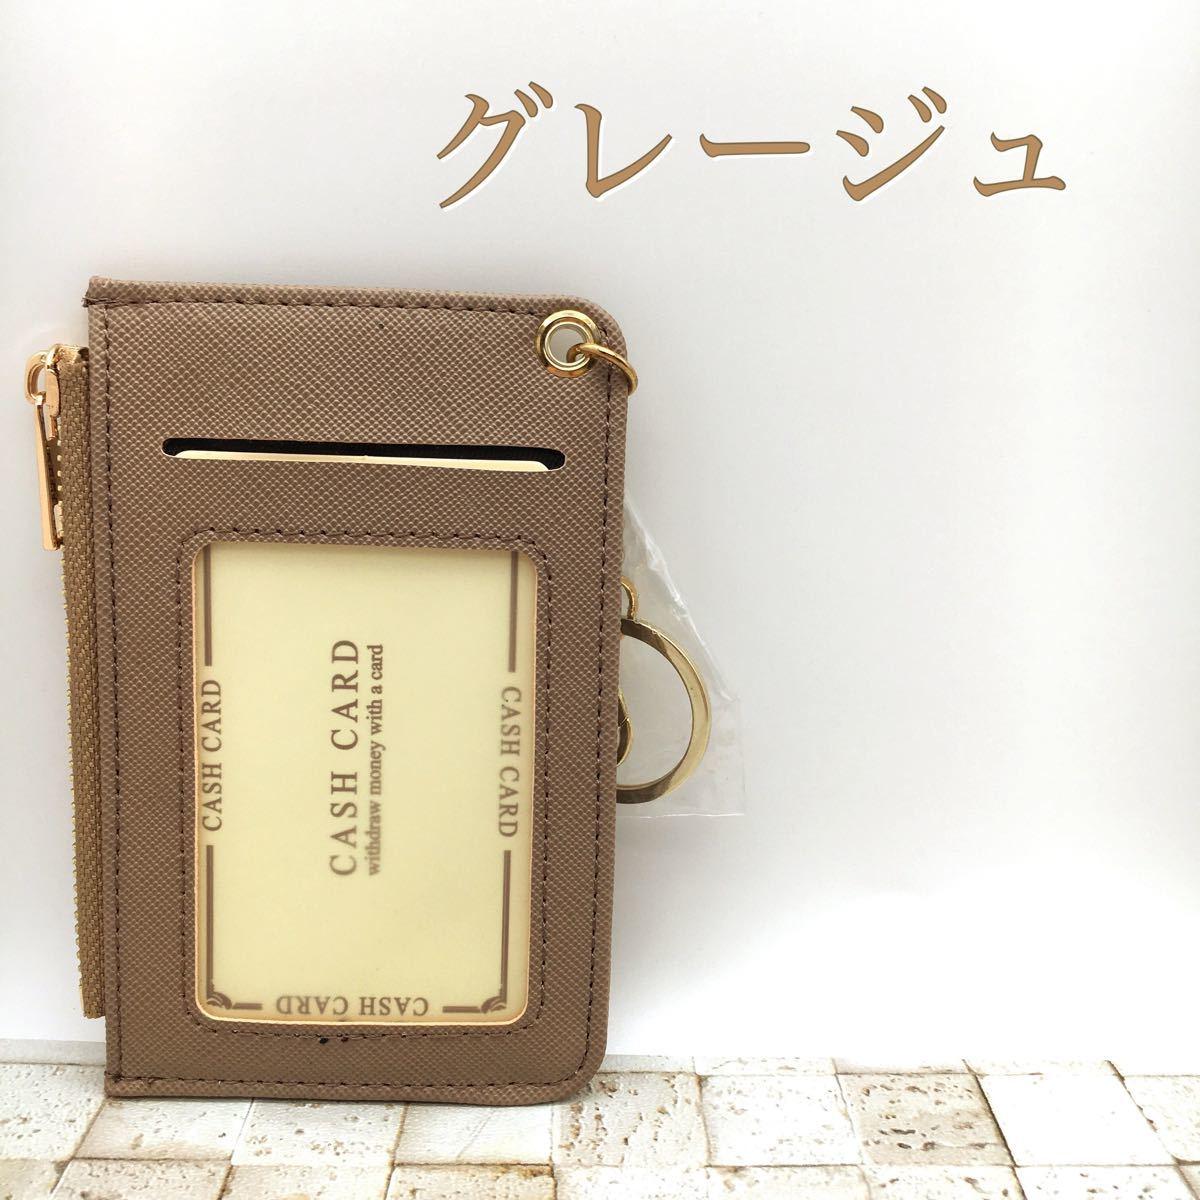 【新品】パスケース IDカードホルダー   定期入れ 小銭入れ コインケース